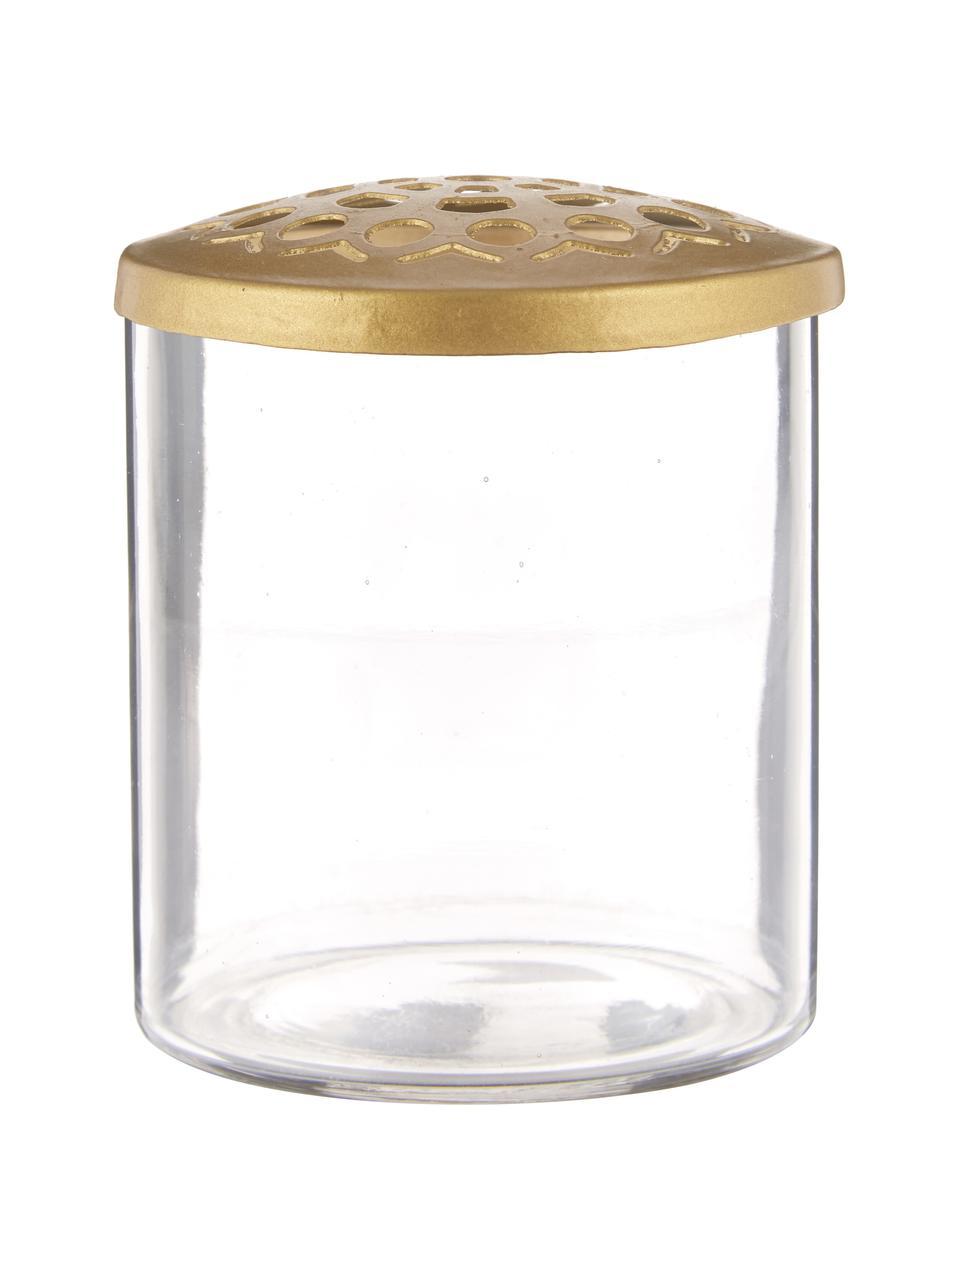 Set 2 vasi con coperchio in metallo Kastanje, Vaso: vetro, Coperchio: acciaio inossidabile otto, Vaso: trasparente Coperchio: ottone, Set in varie misure